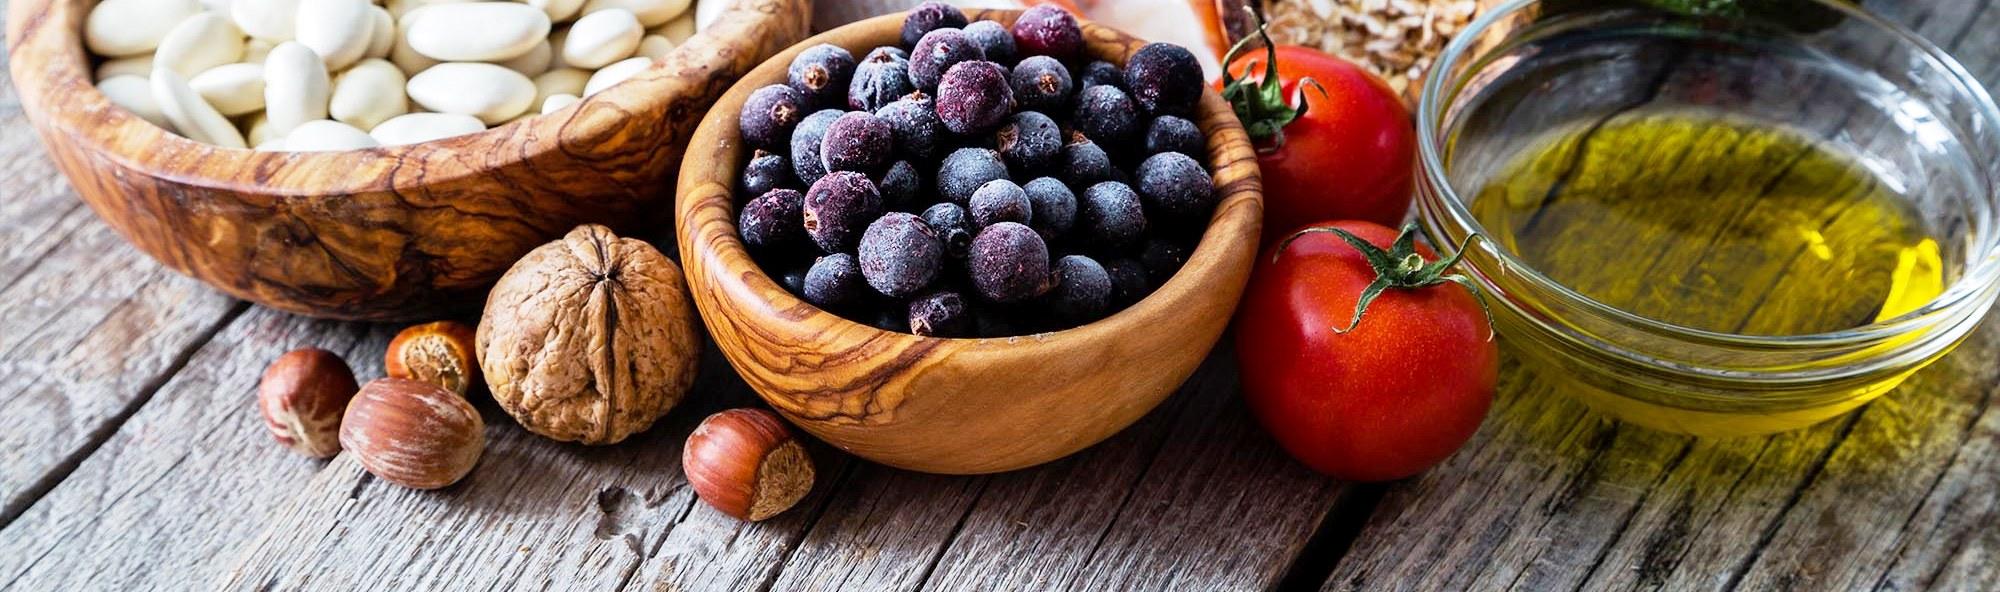 Μια ιστοσελίδα αφιερωμένη στην υγεία και τη διατροφή!